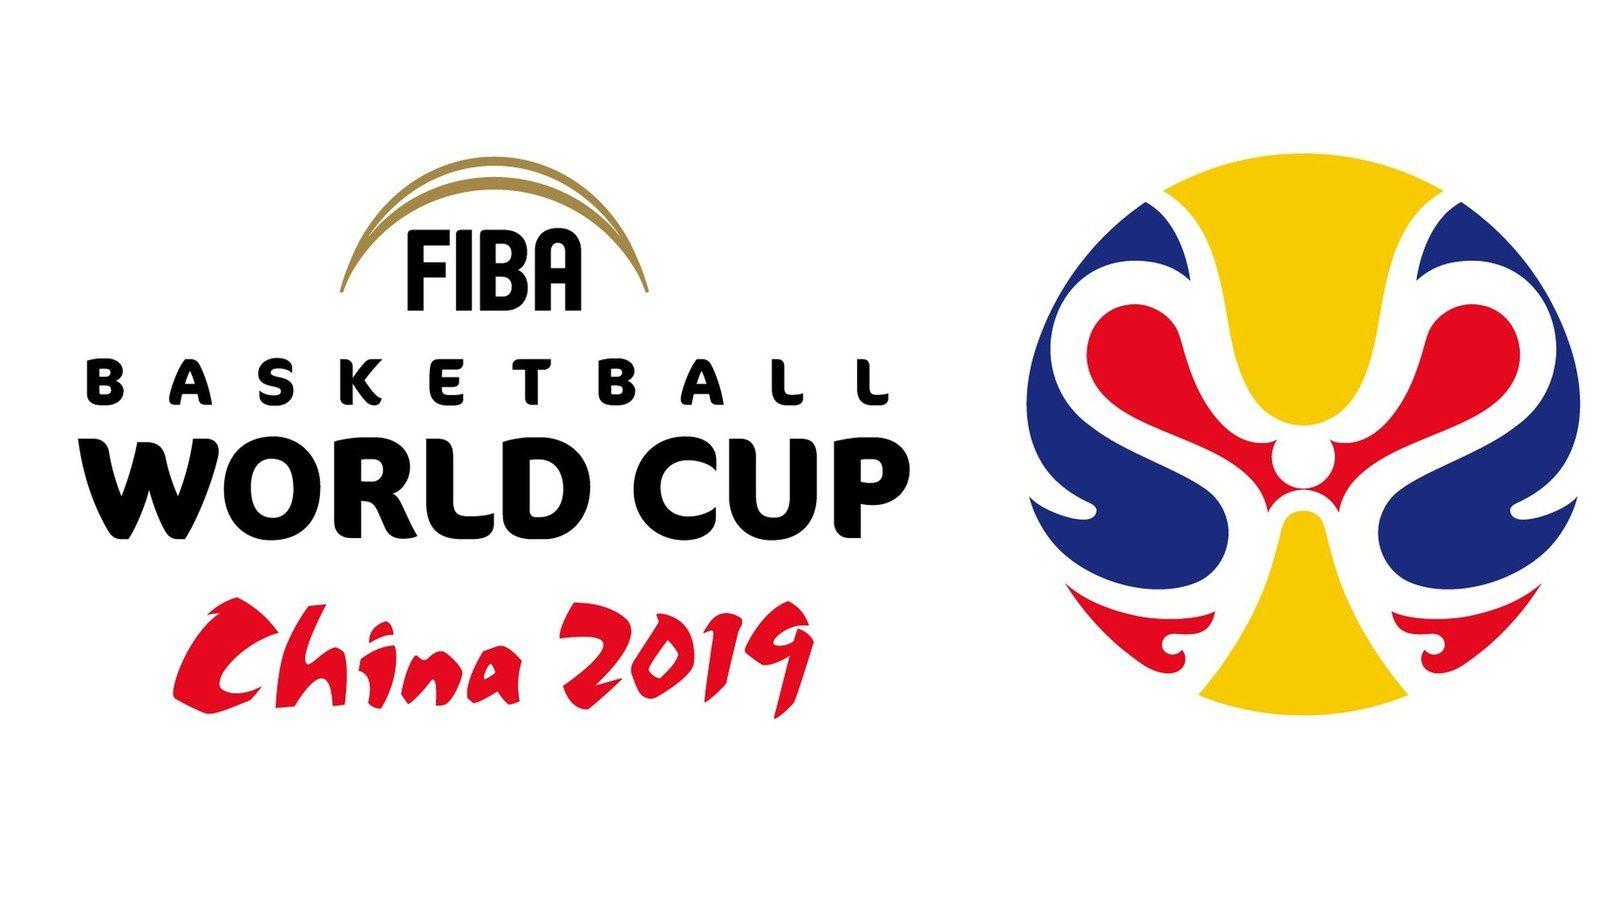 Coupe du monde de basket : Argentine - France en direct vendredi sur M6.